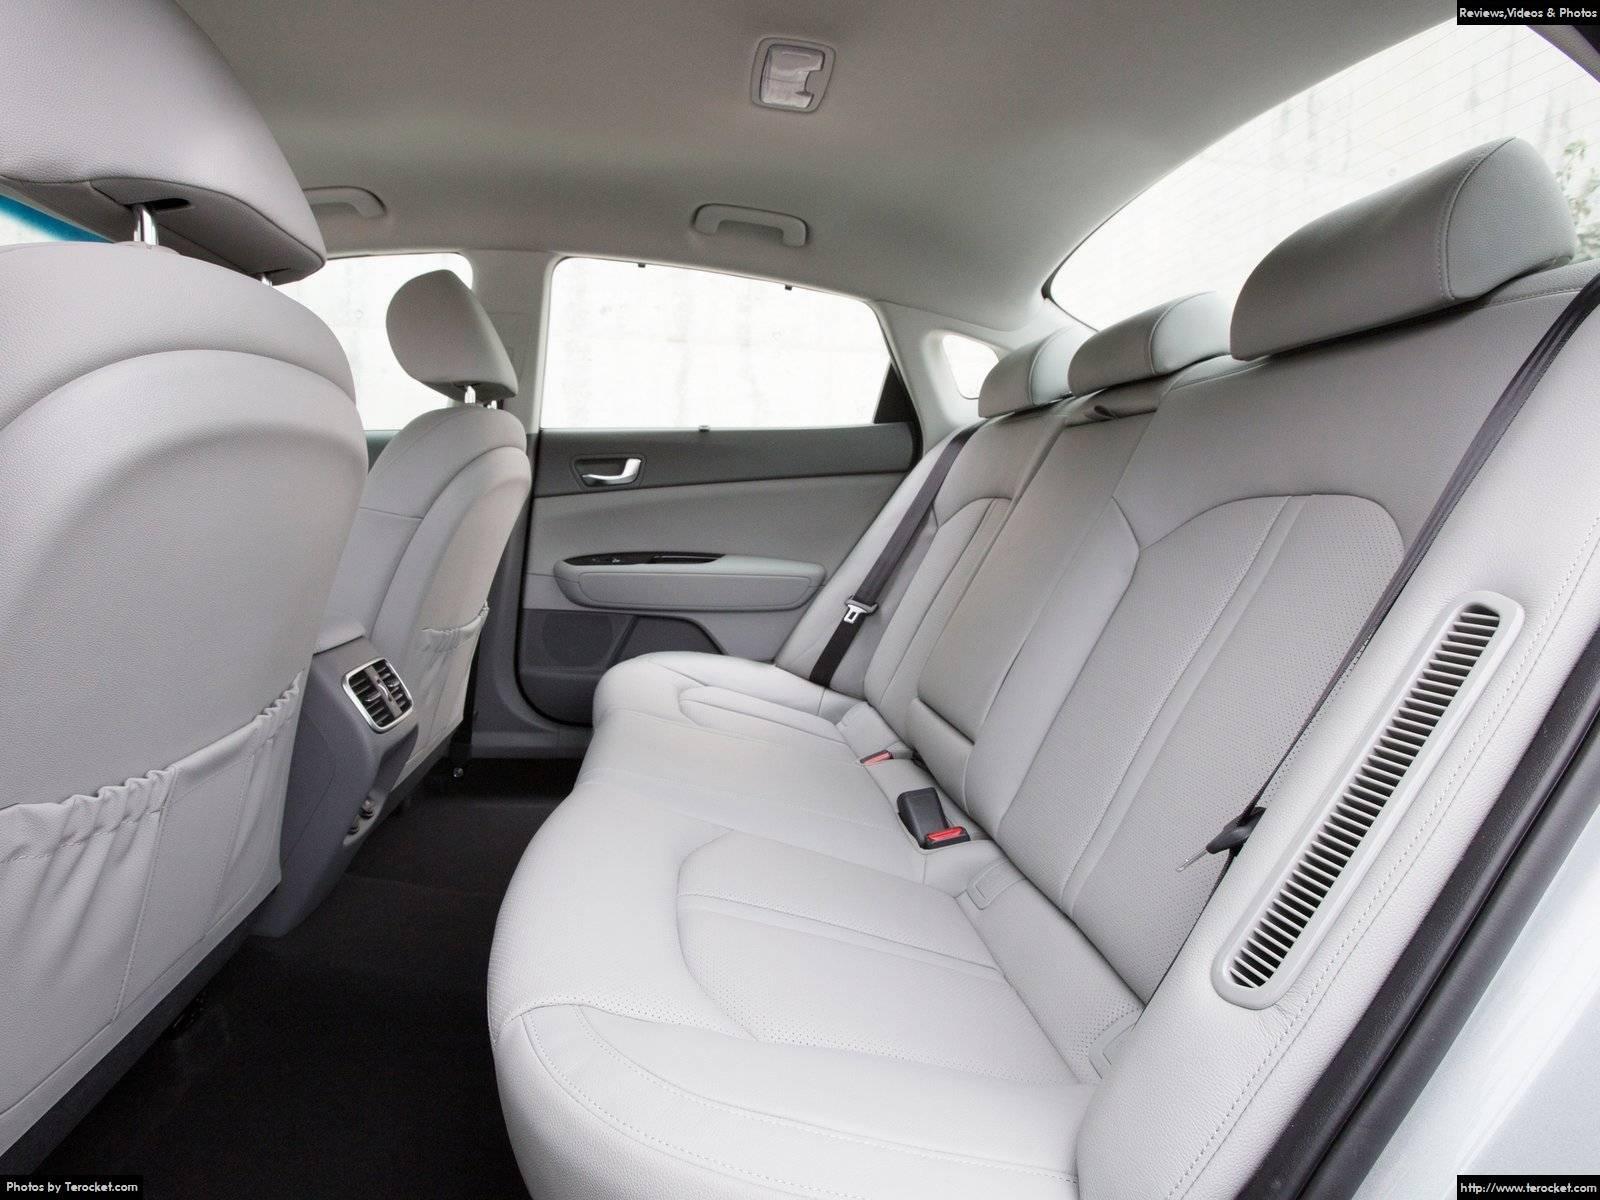 Hình ảnh xe ô tô Kia Optima Plug-In Hybrid EU-Version 2017 & nội ngoại thất